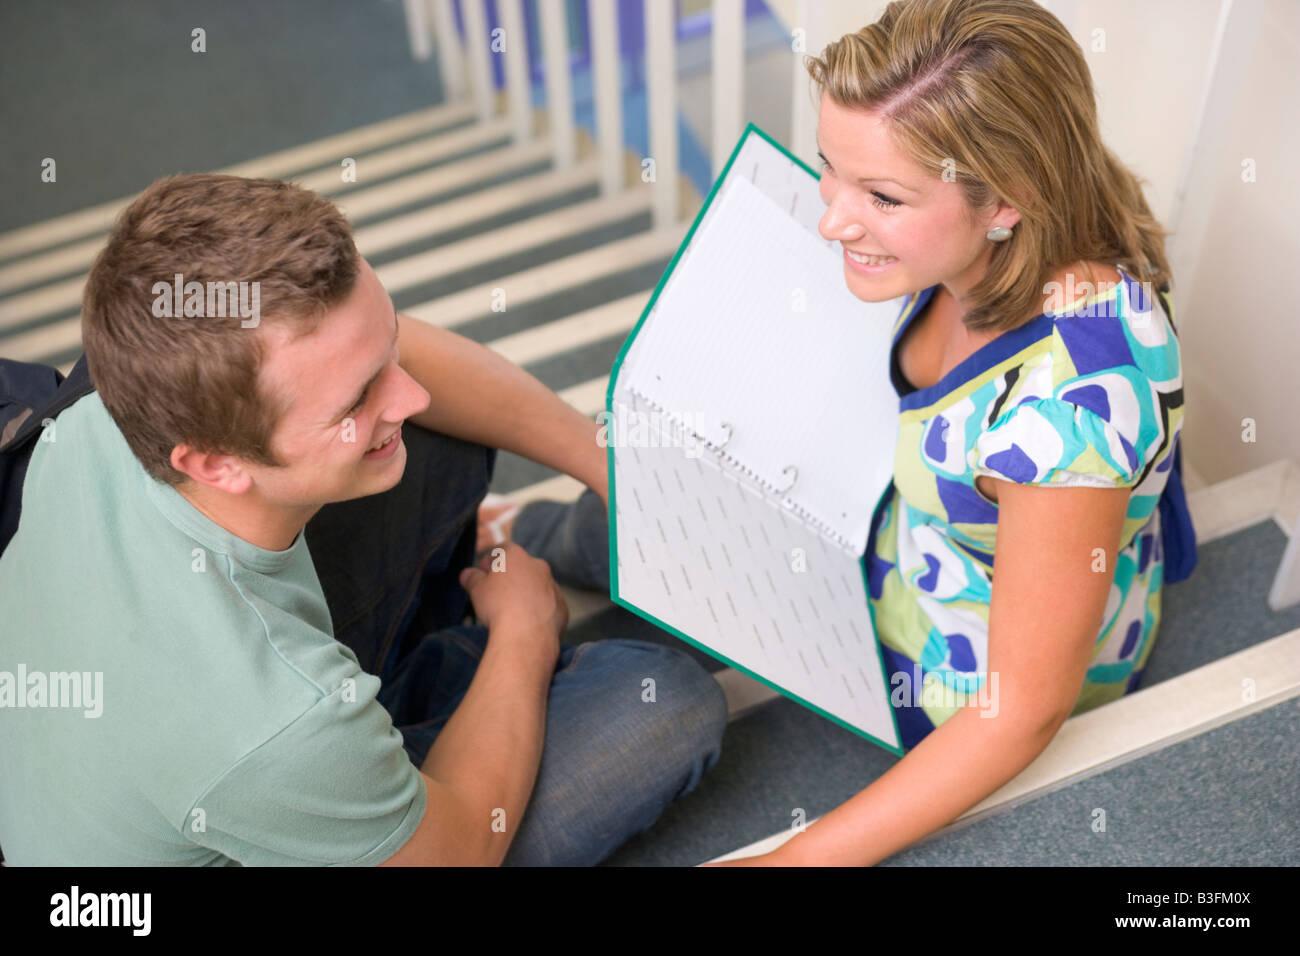 Zwei Studenten sitzen auf der Treppe mit Notebooks (Tiefenschärfe) Stockbild